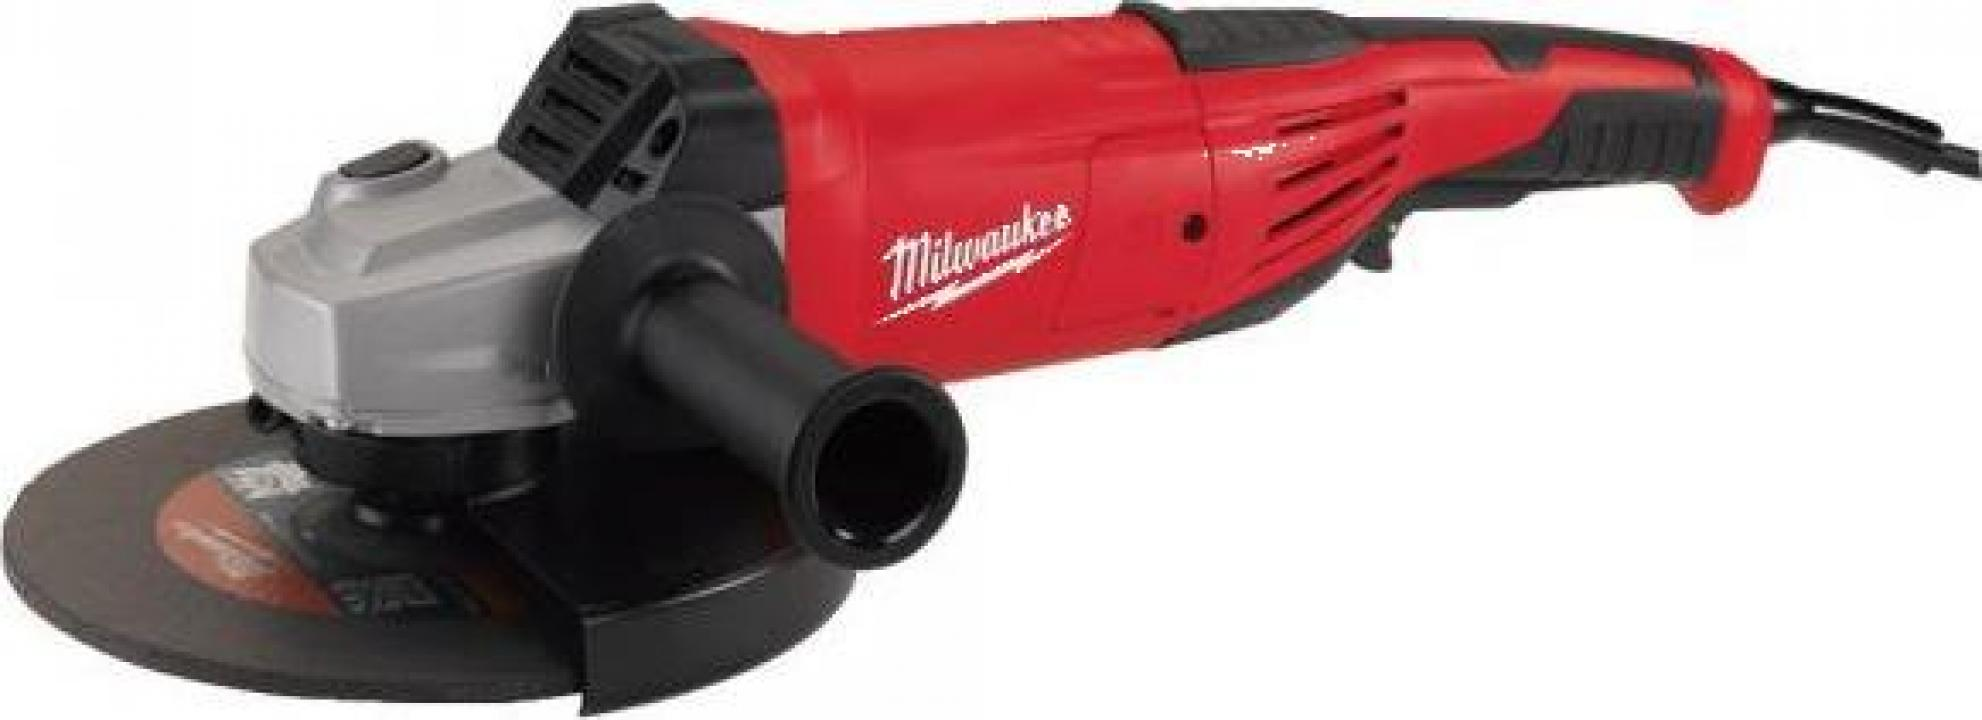 Polizor unghiular Milwaukee AG 22-180 DMS, 2200 W, 180 mm